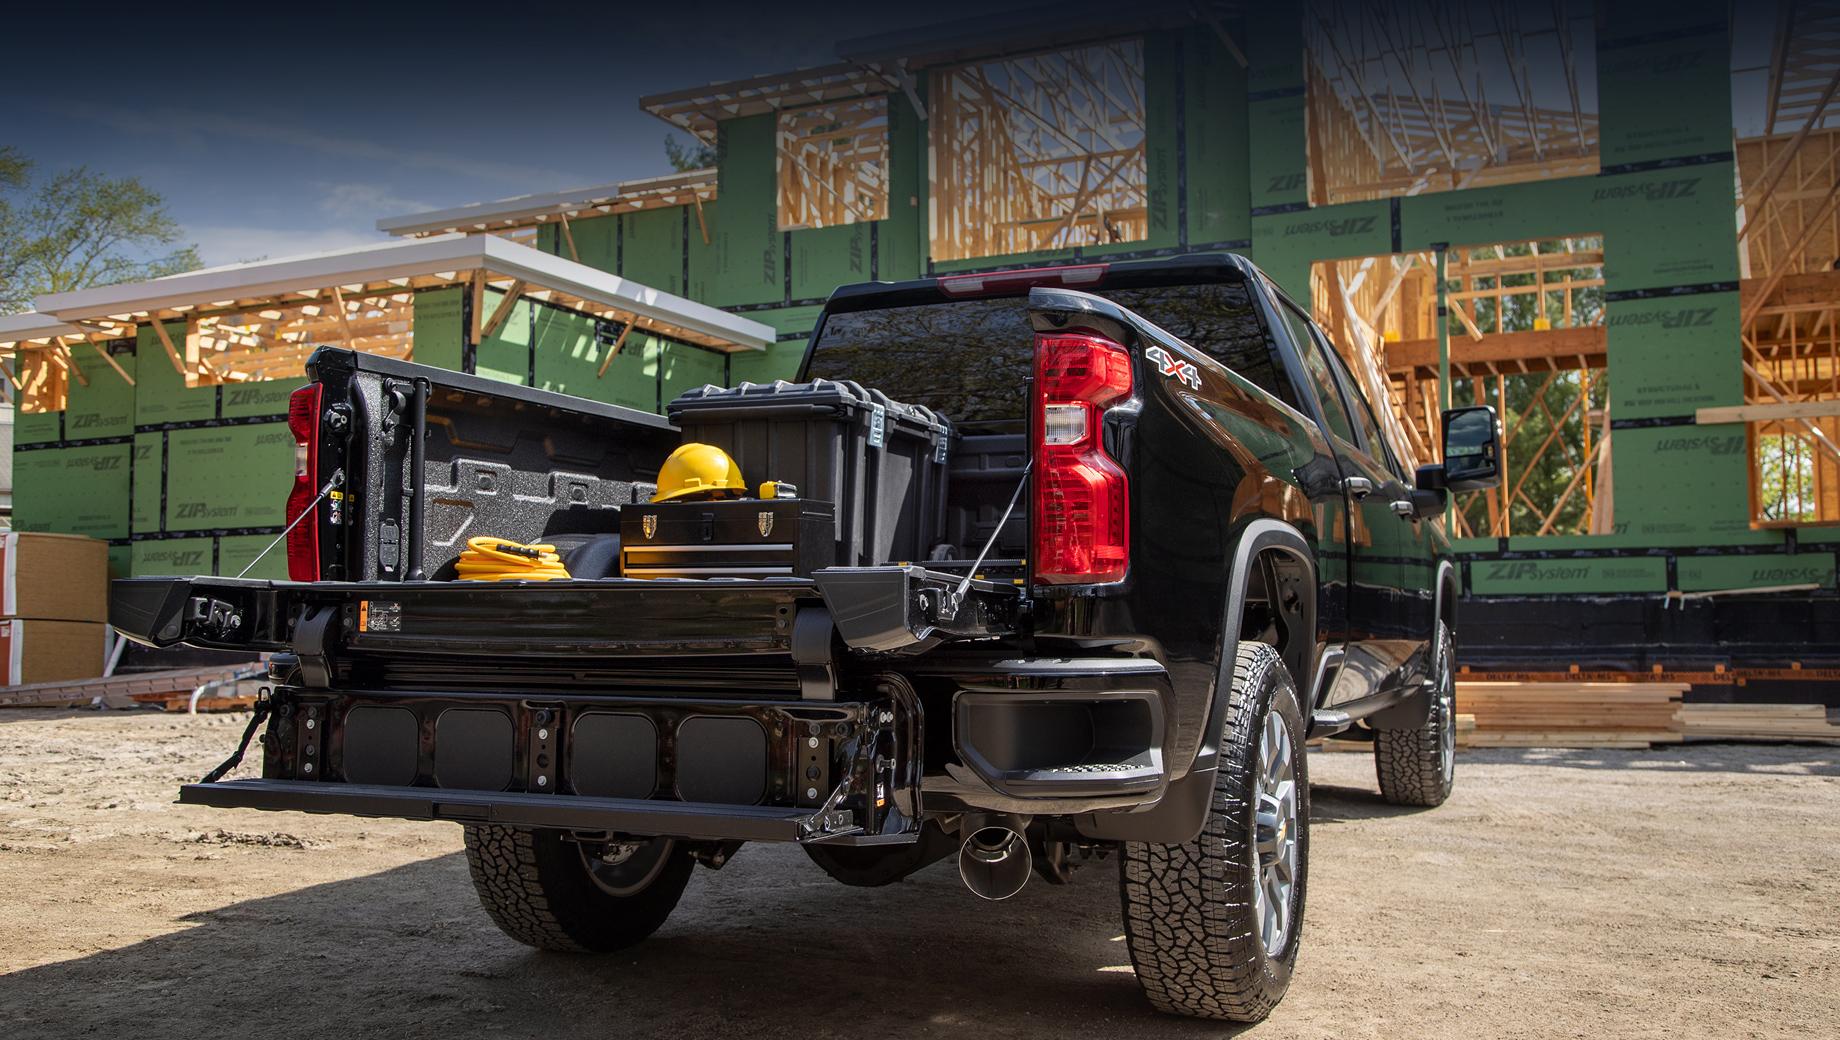 Chevrolet silverado,Chevrolet silverado hd. Борт MultiPro можно заказать в комплектациях LT, LTZ и High Country в дополнение к другой опции — Power Up/Down Tailgate (привод борта).